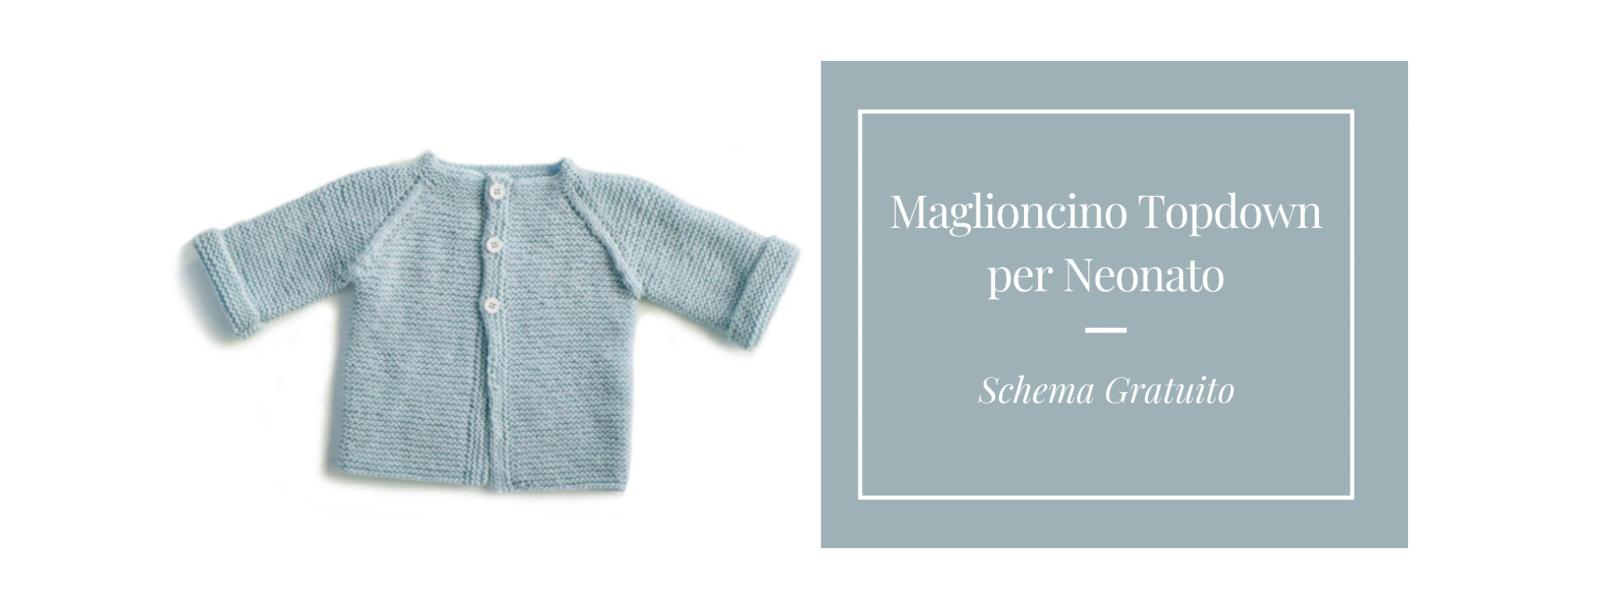 Maglioncino ai ferri per neonato